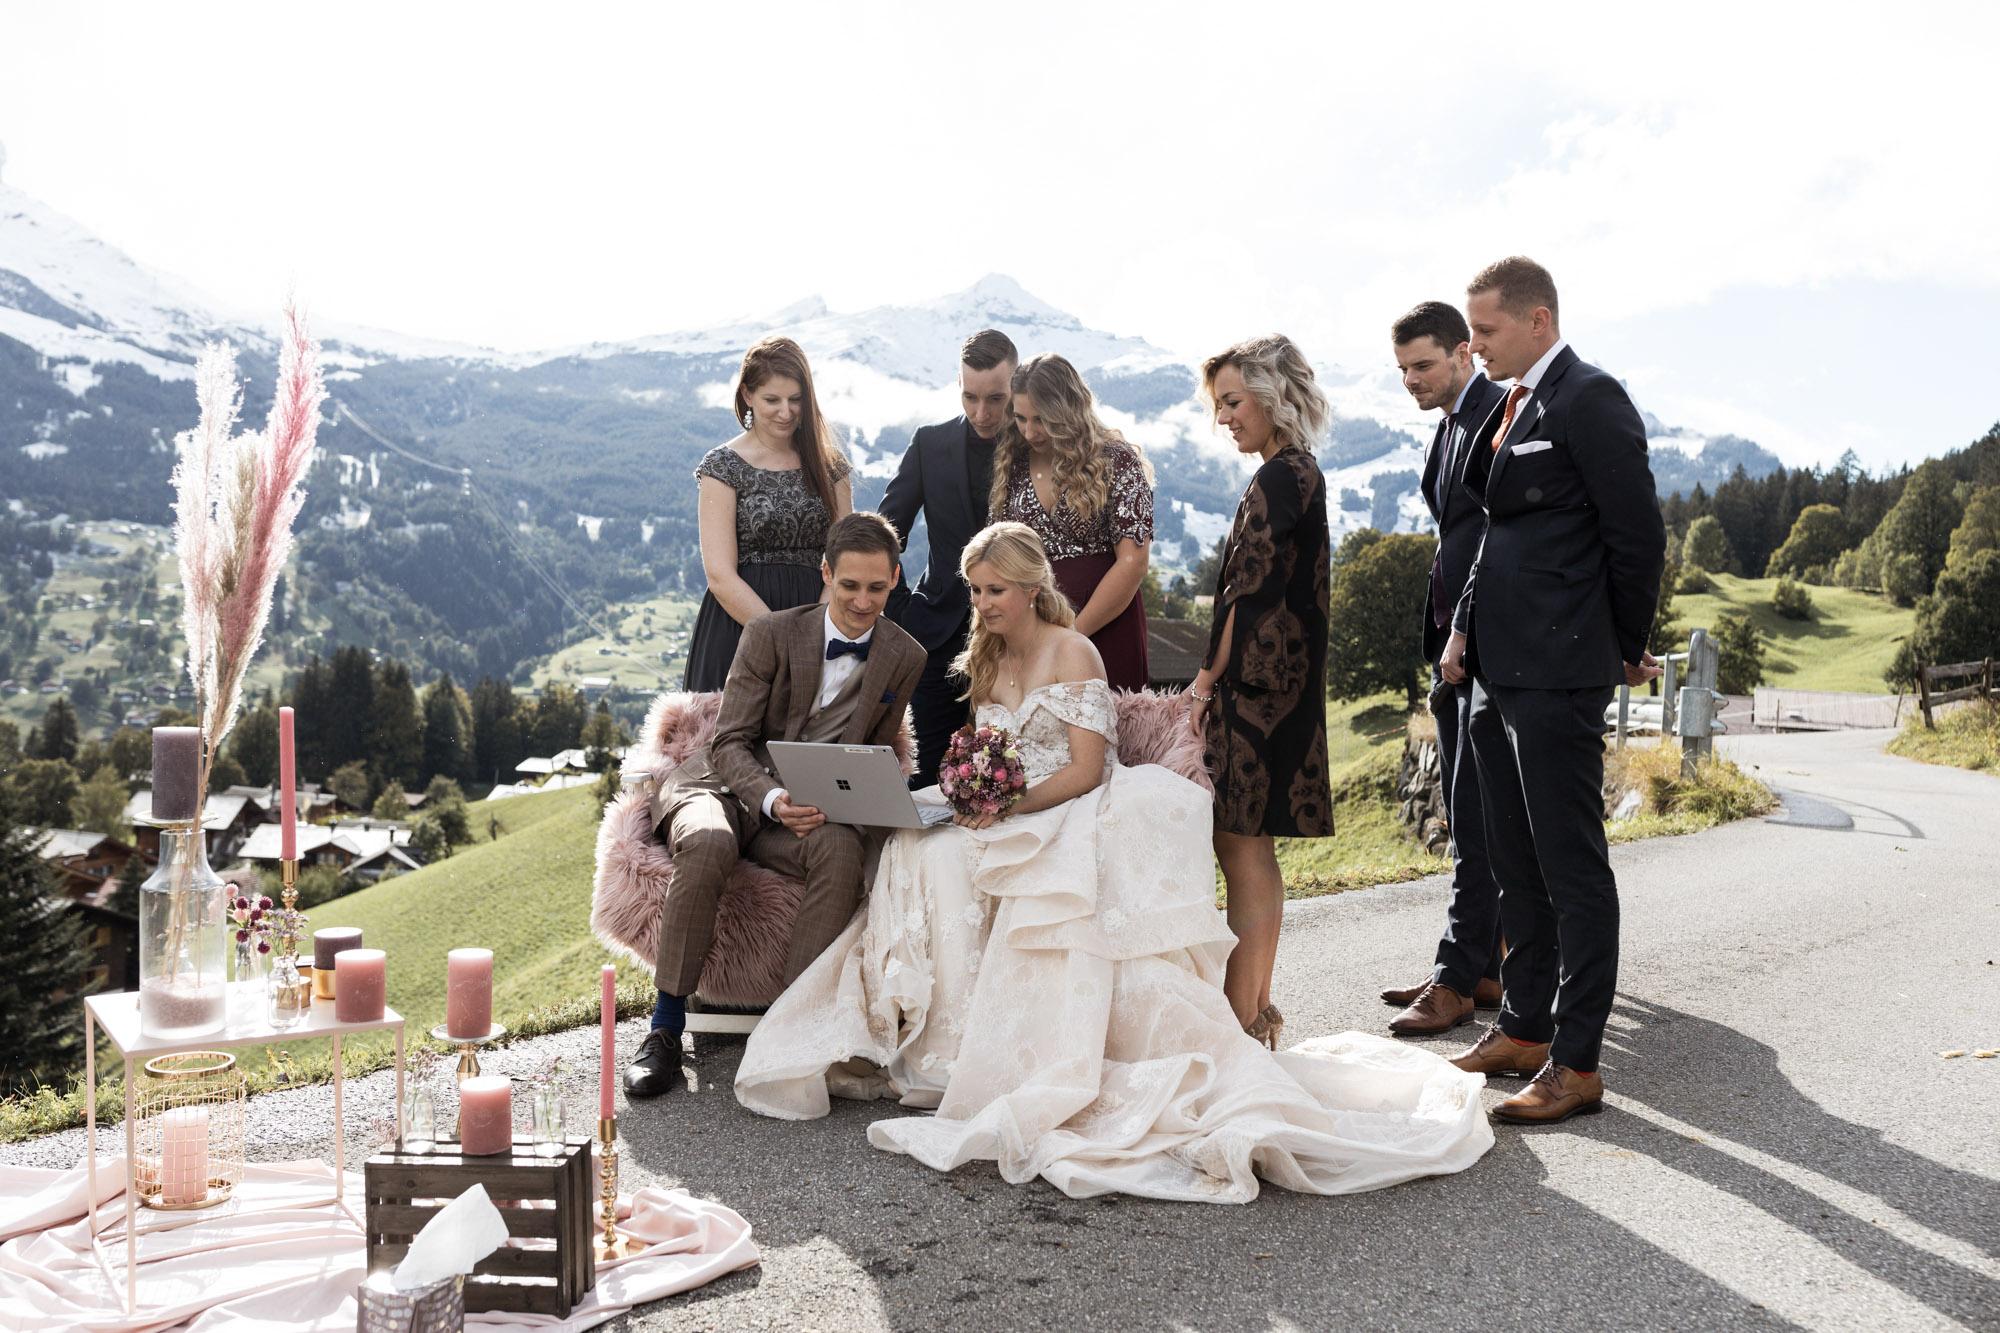 Das Brautpaar mit den Freunden - Hochzeit in den Bergen - Hochzeitsfotograf Schweiz